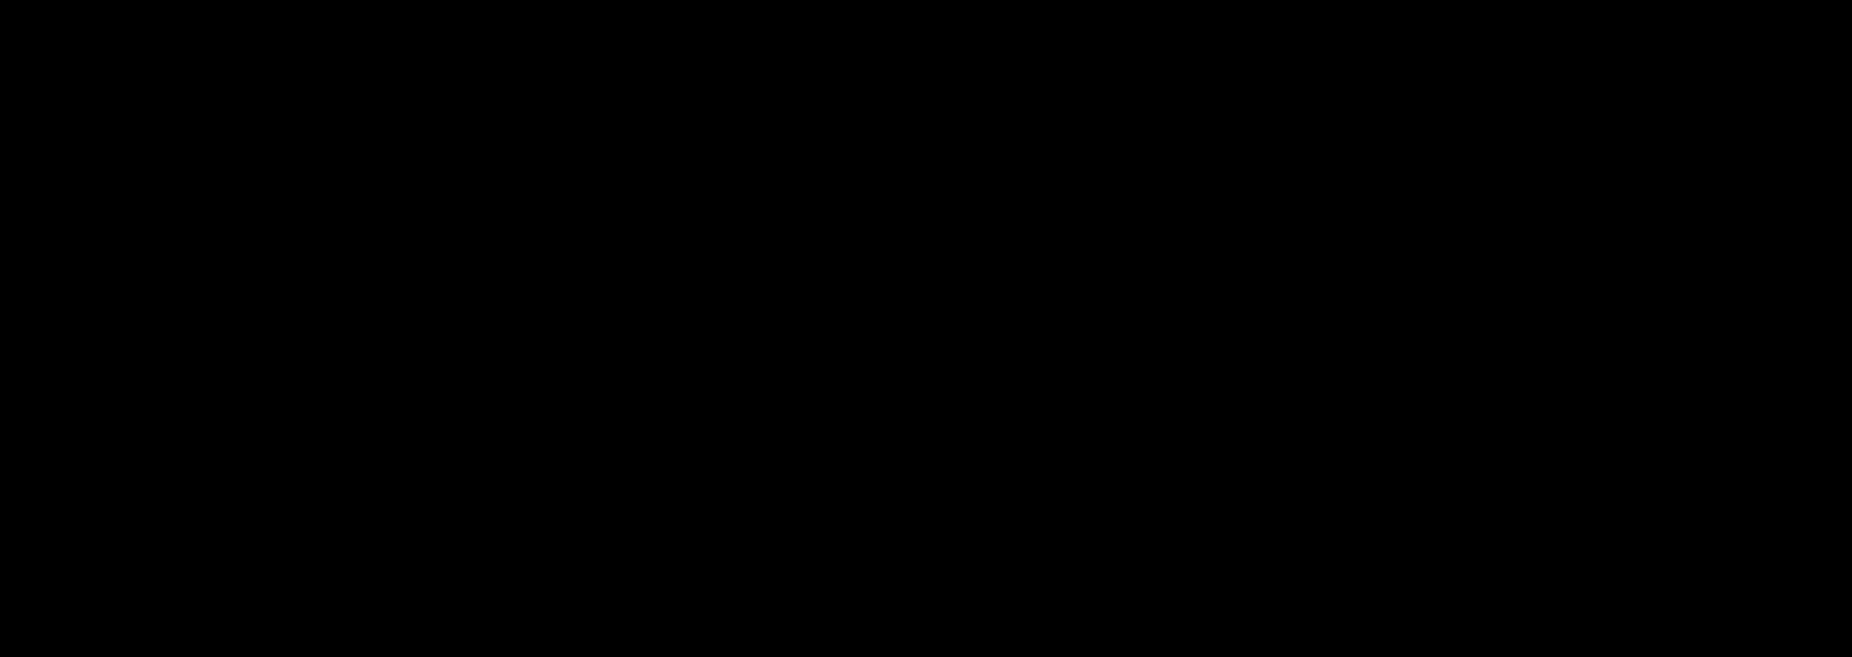 logótipo do laboratório drc